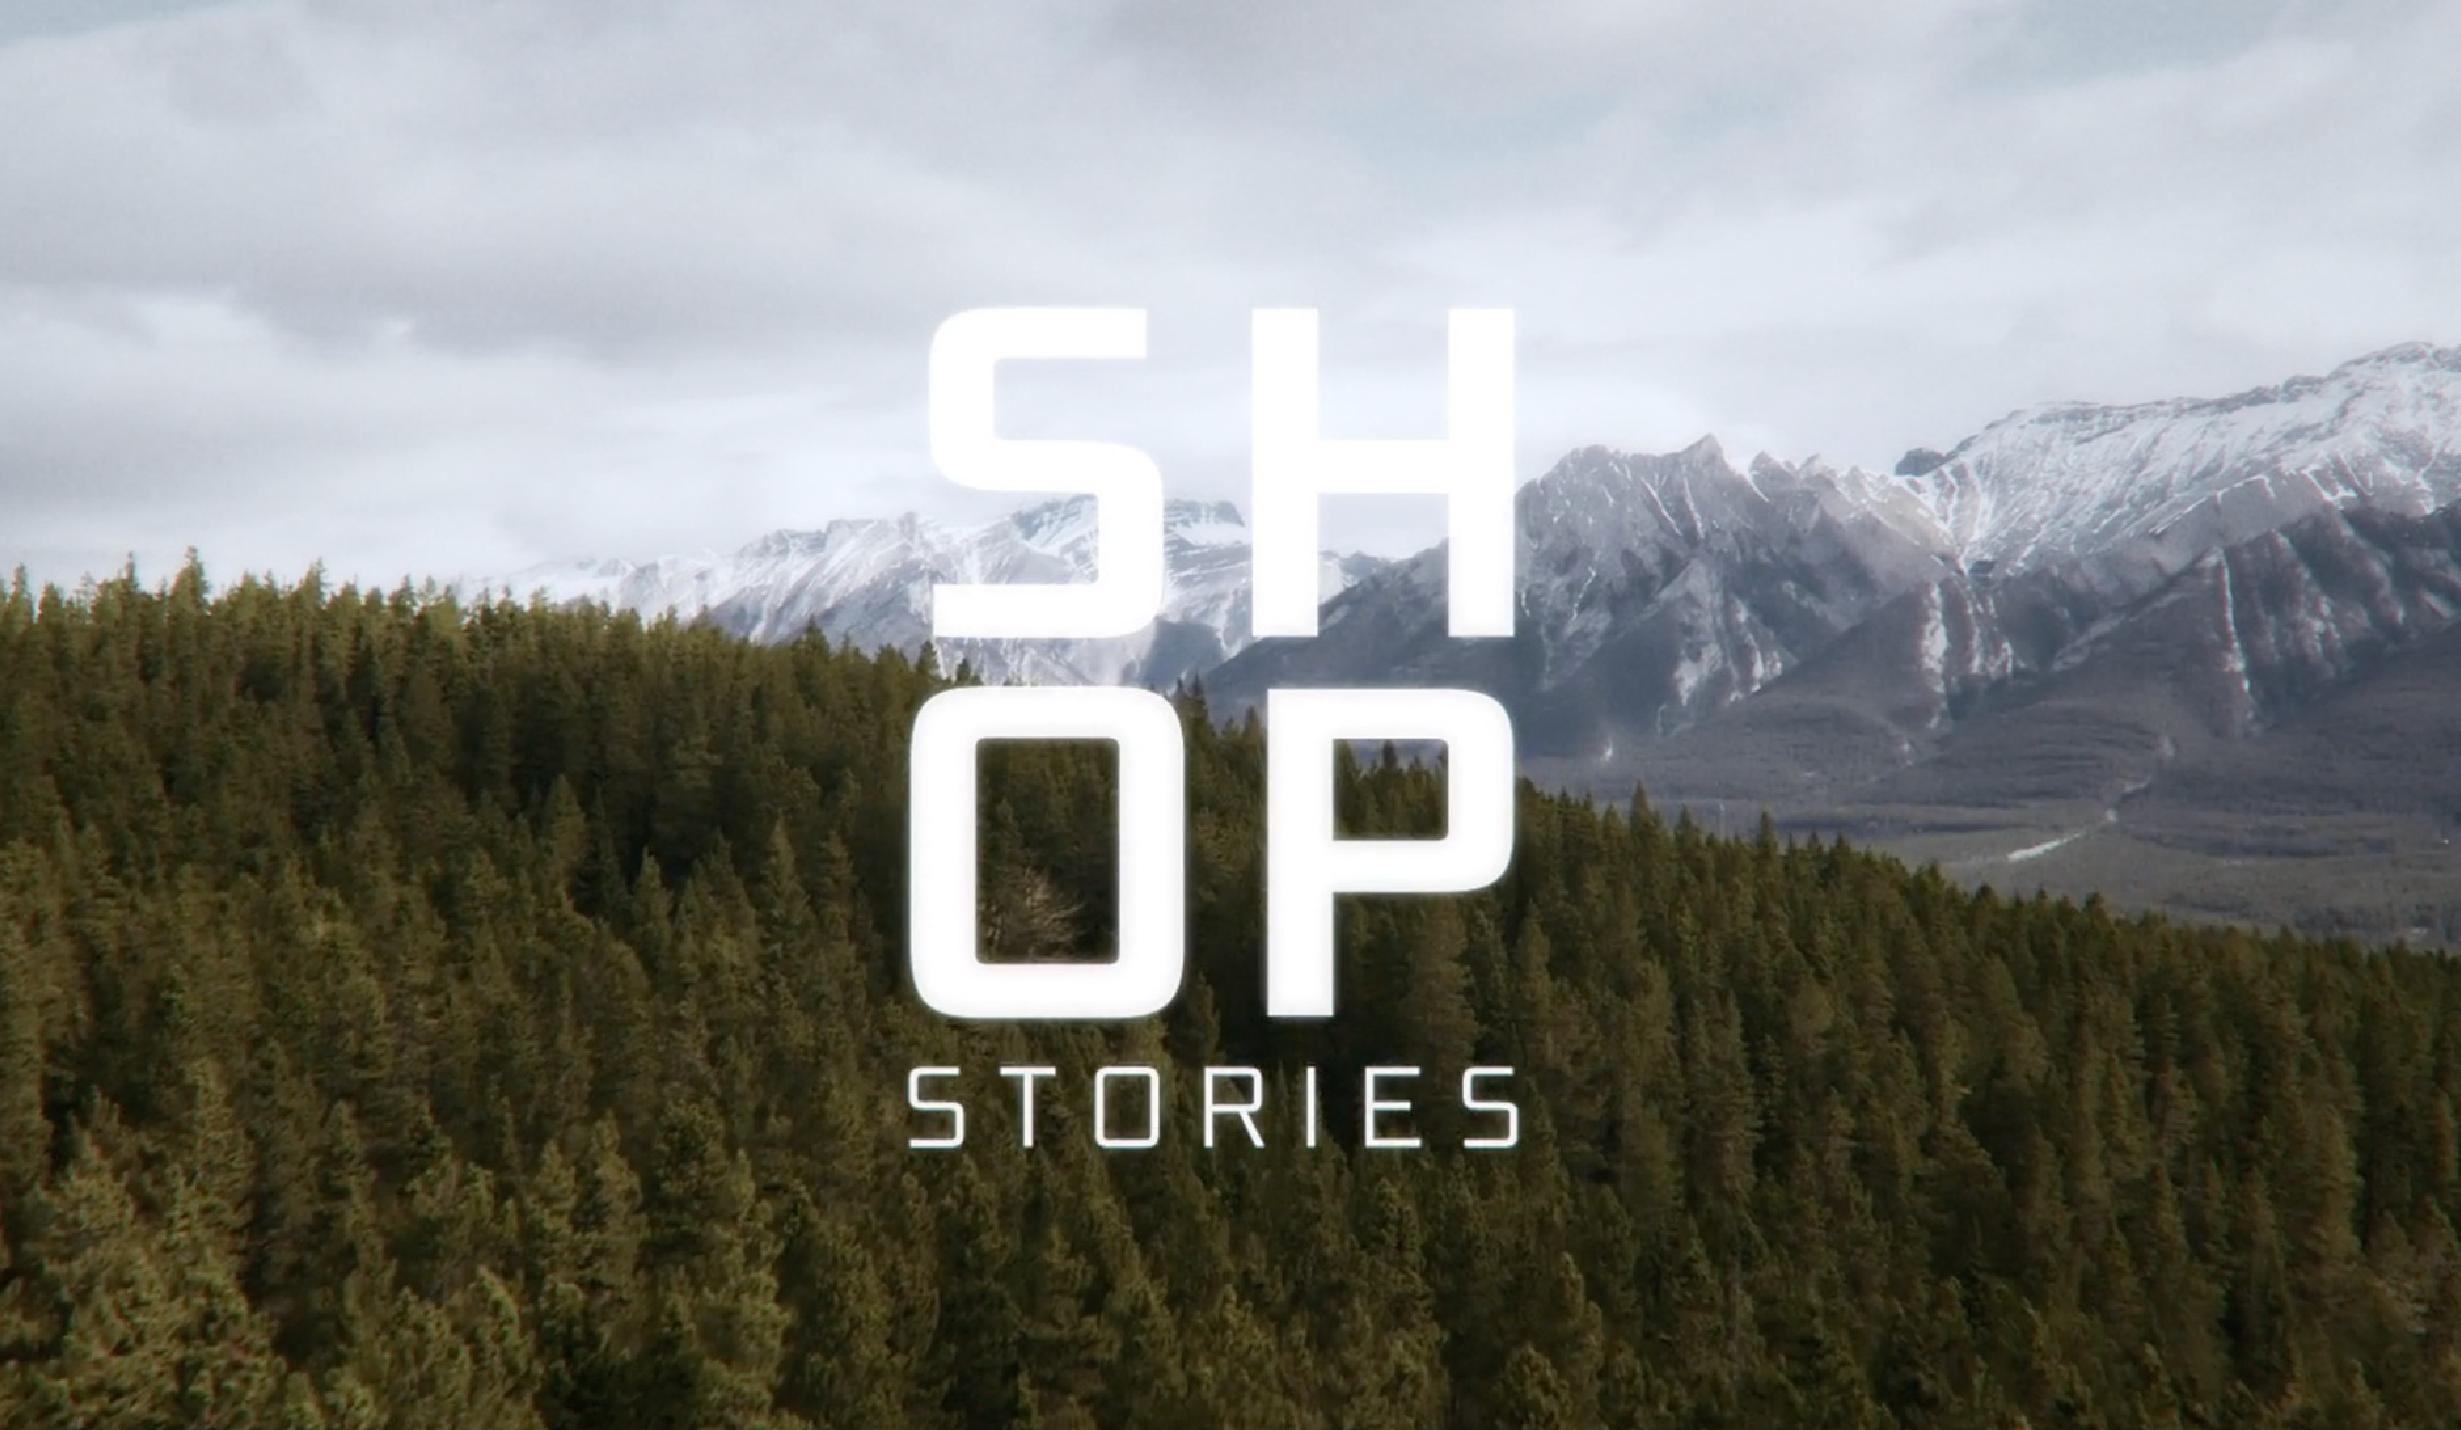 Blizzard Skis — Shop Stories